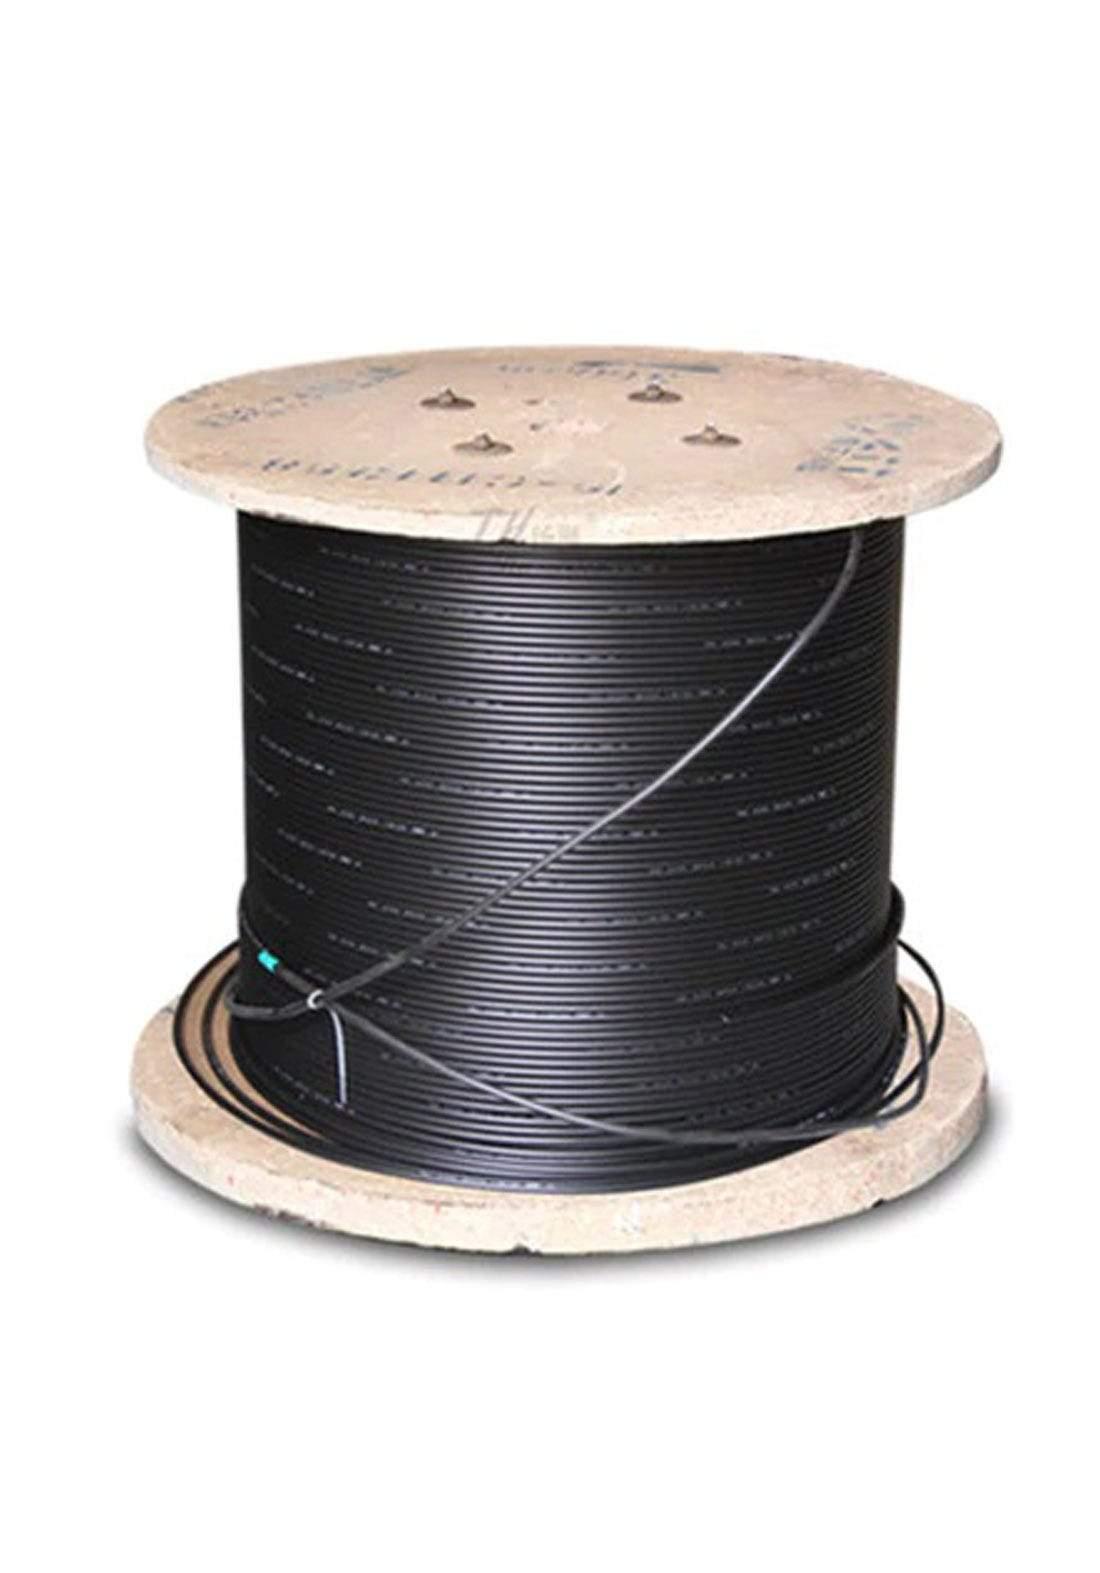 STS( GYXTW-6B1) 6 Core Fiber Optic Cable - Black كابل ضوئي